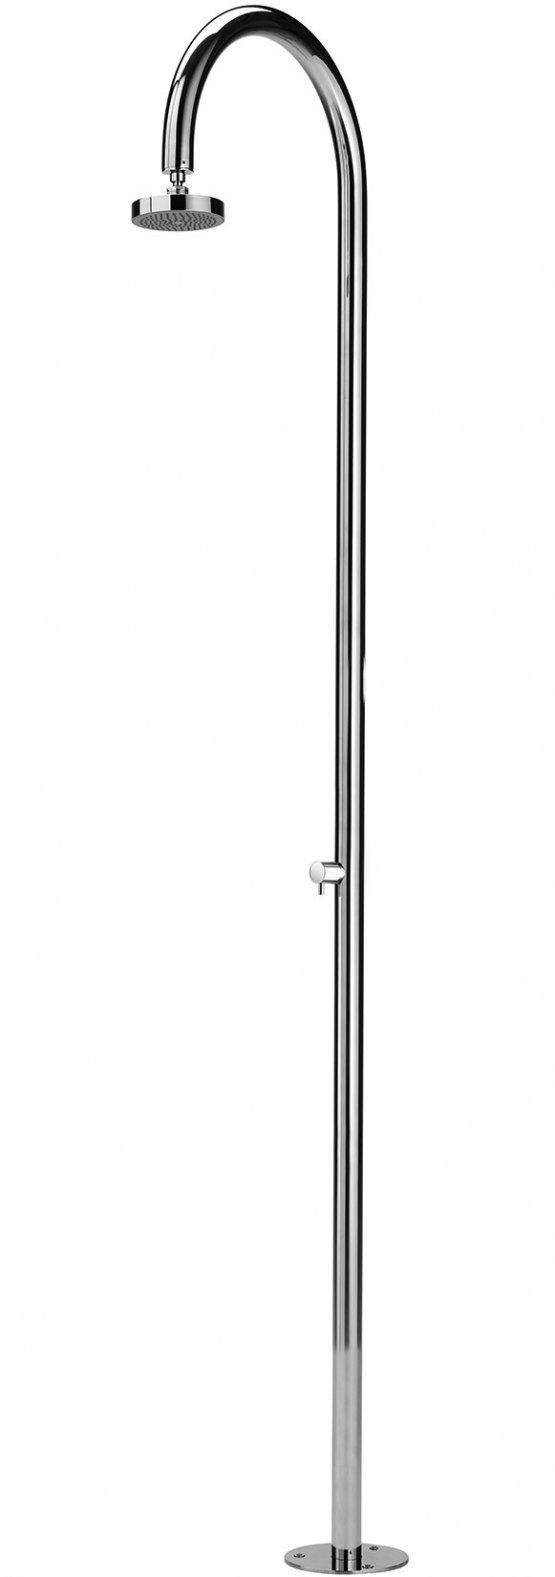 Gartendusche - Fontealta Origo C50 - Klicken Sie auf das Bild um die Galerie zu öffnen